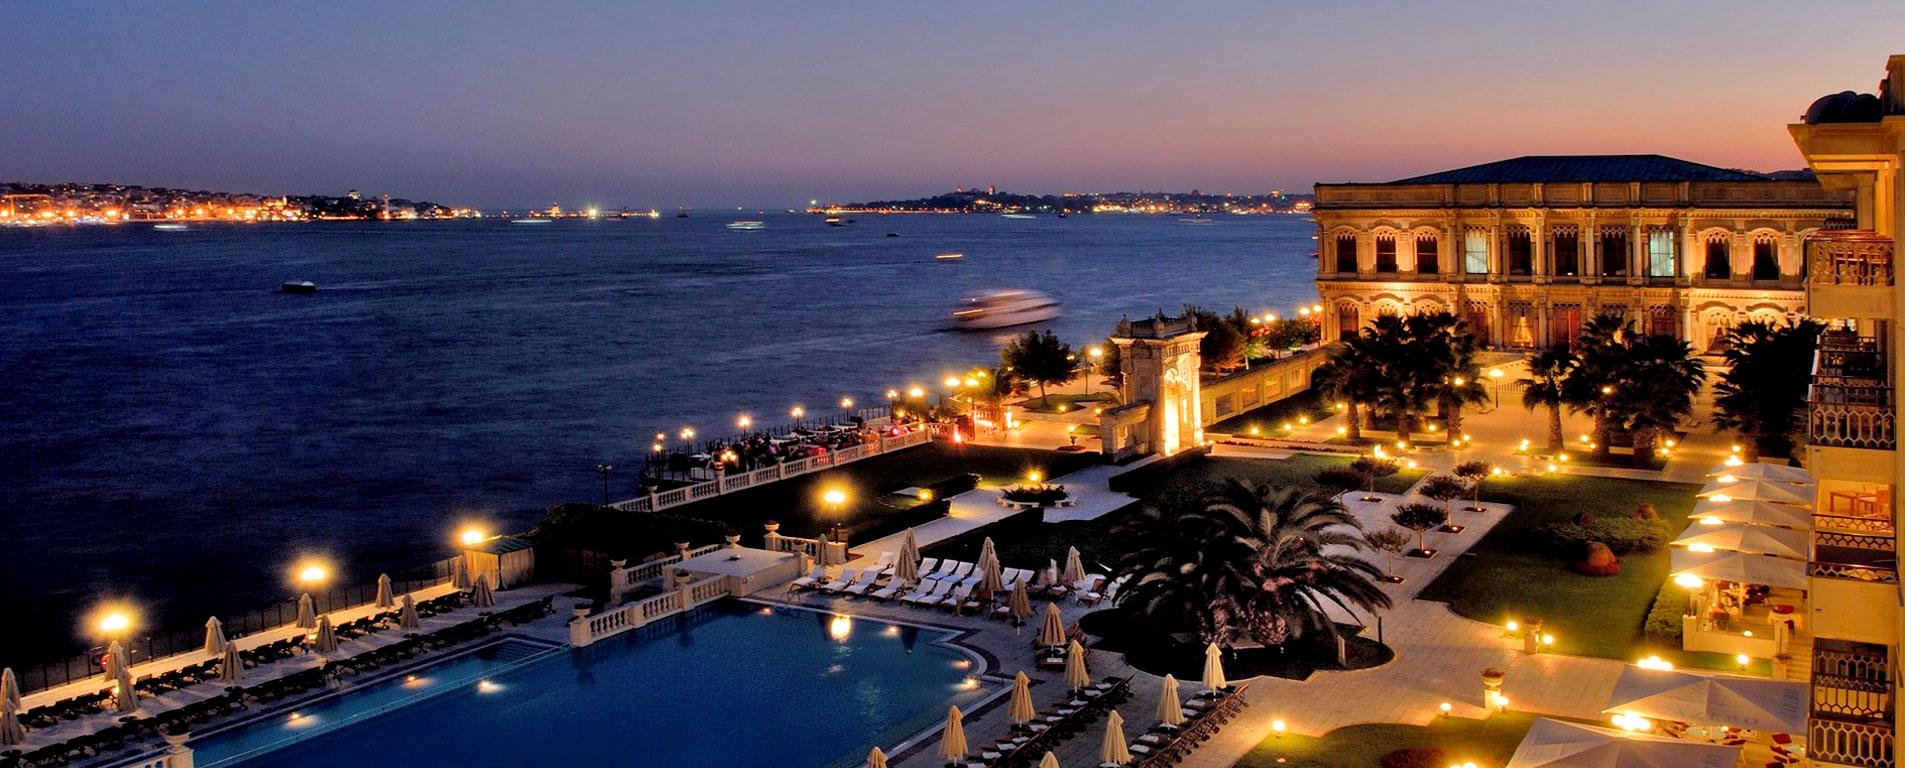 هتل های استانبول را بهتر بشناسید